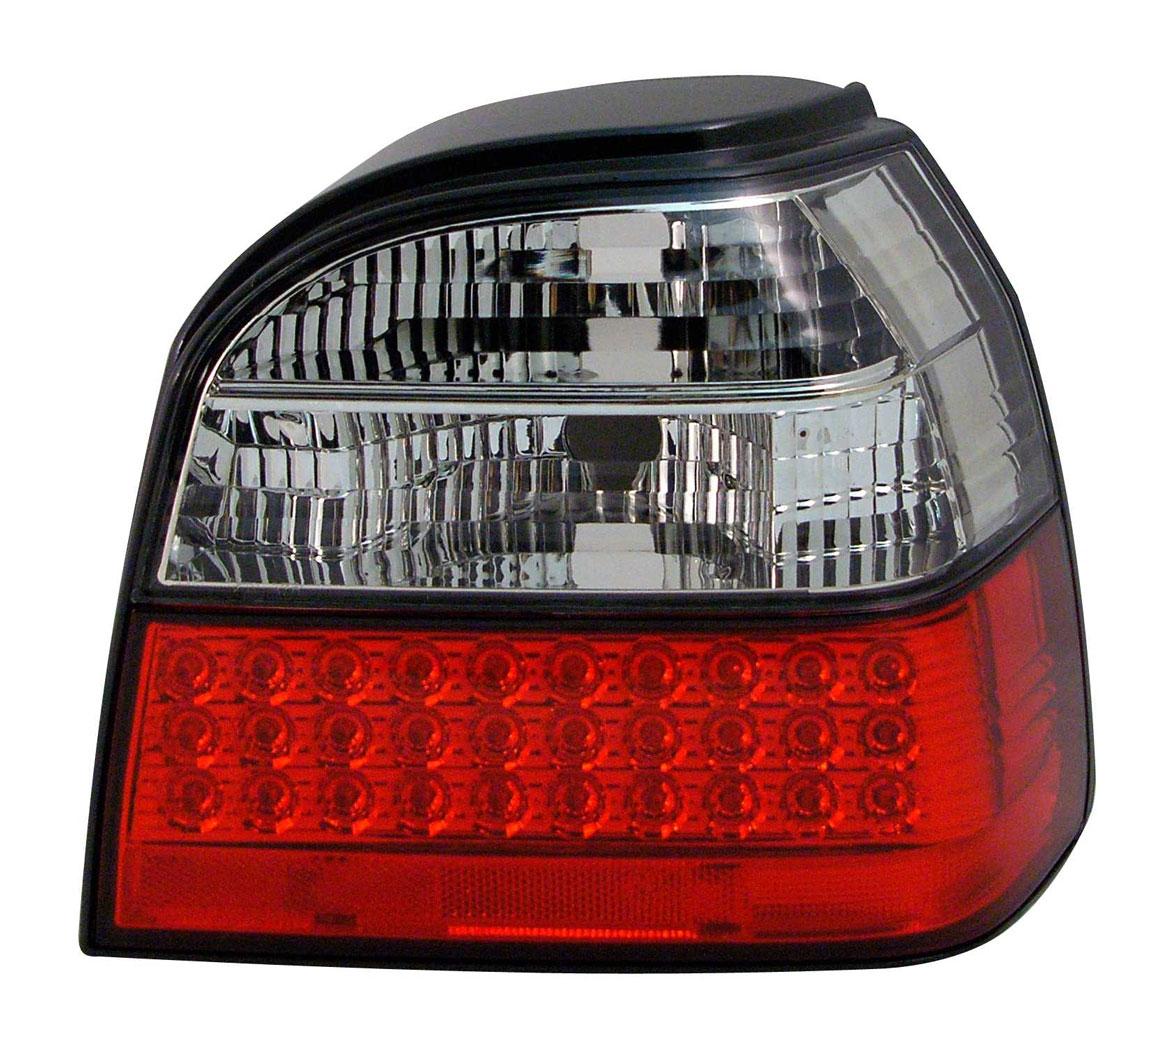 VW Golf 3 Baglygter LED Krystal OP Rød/Klar